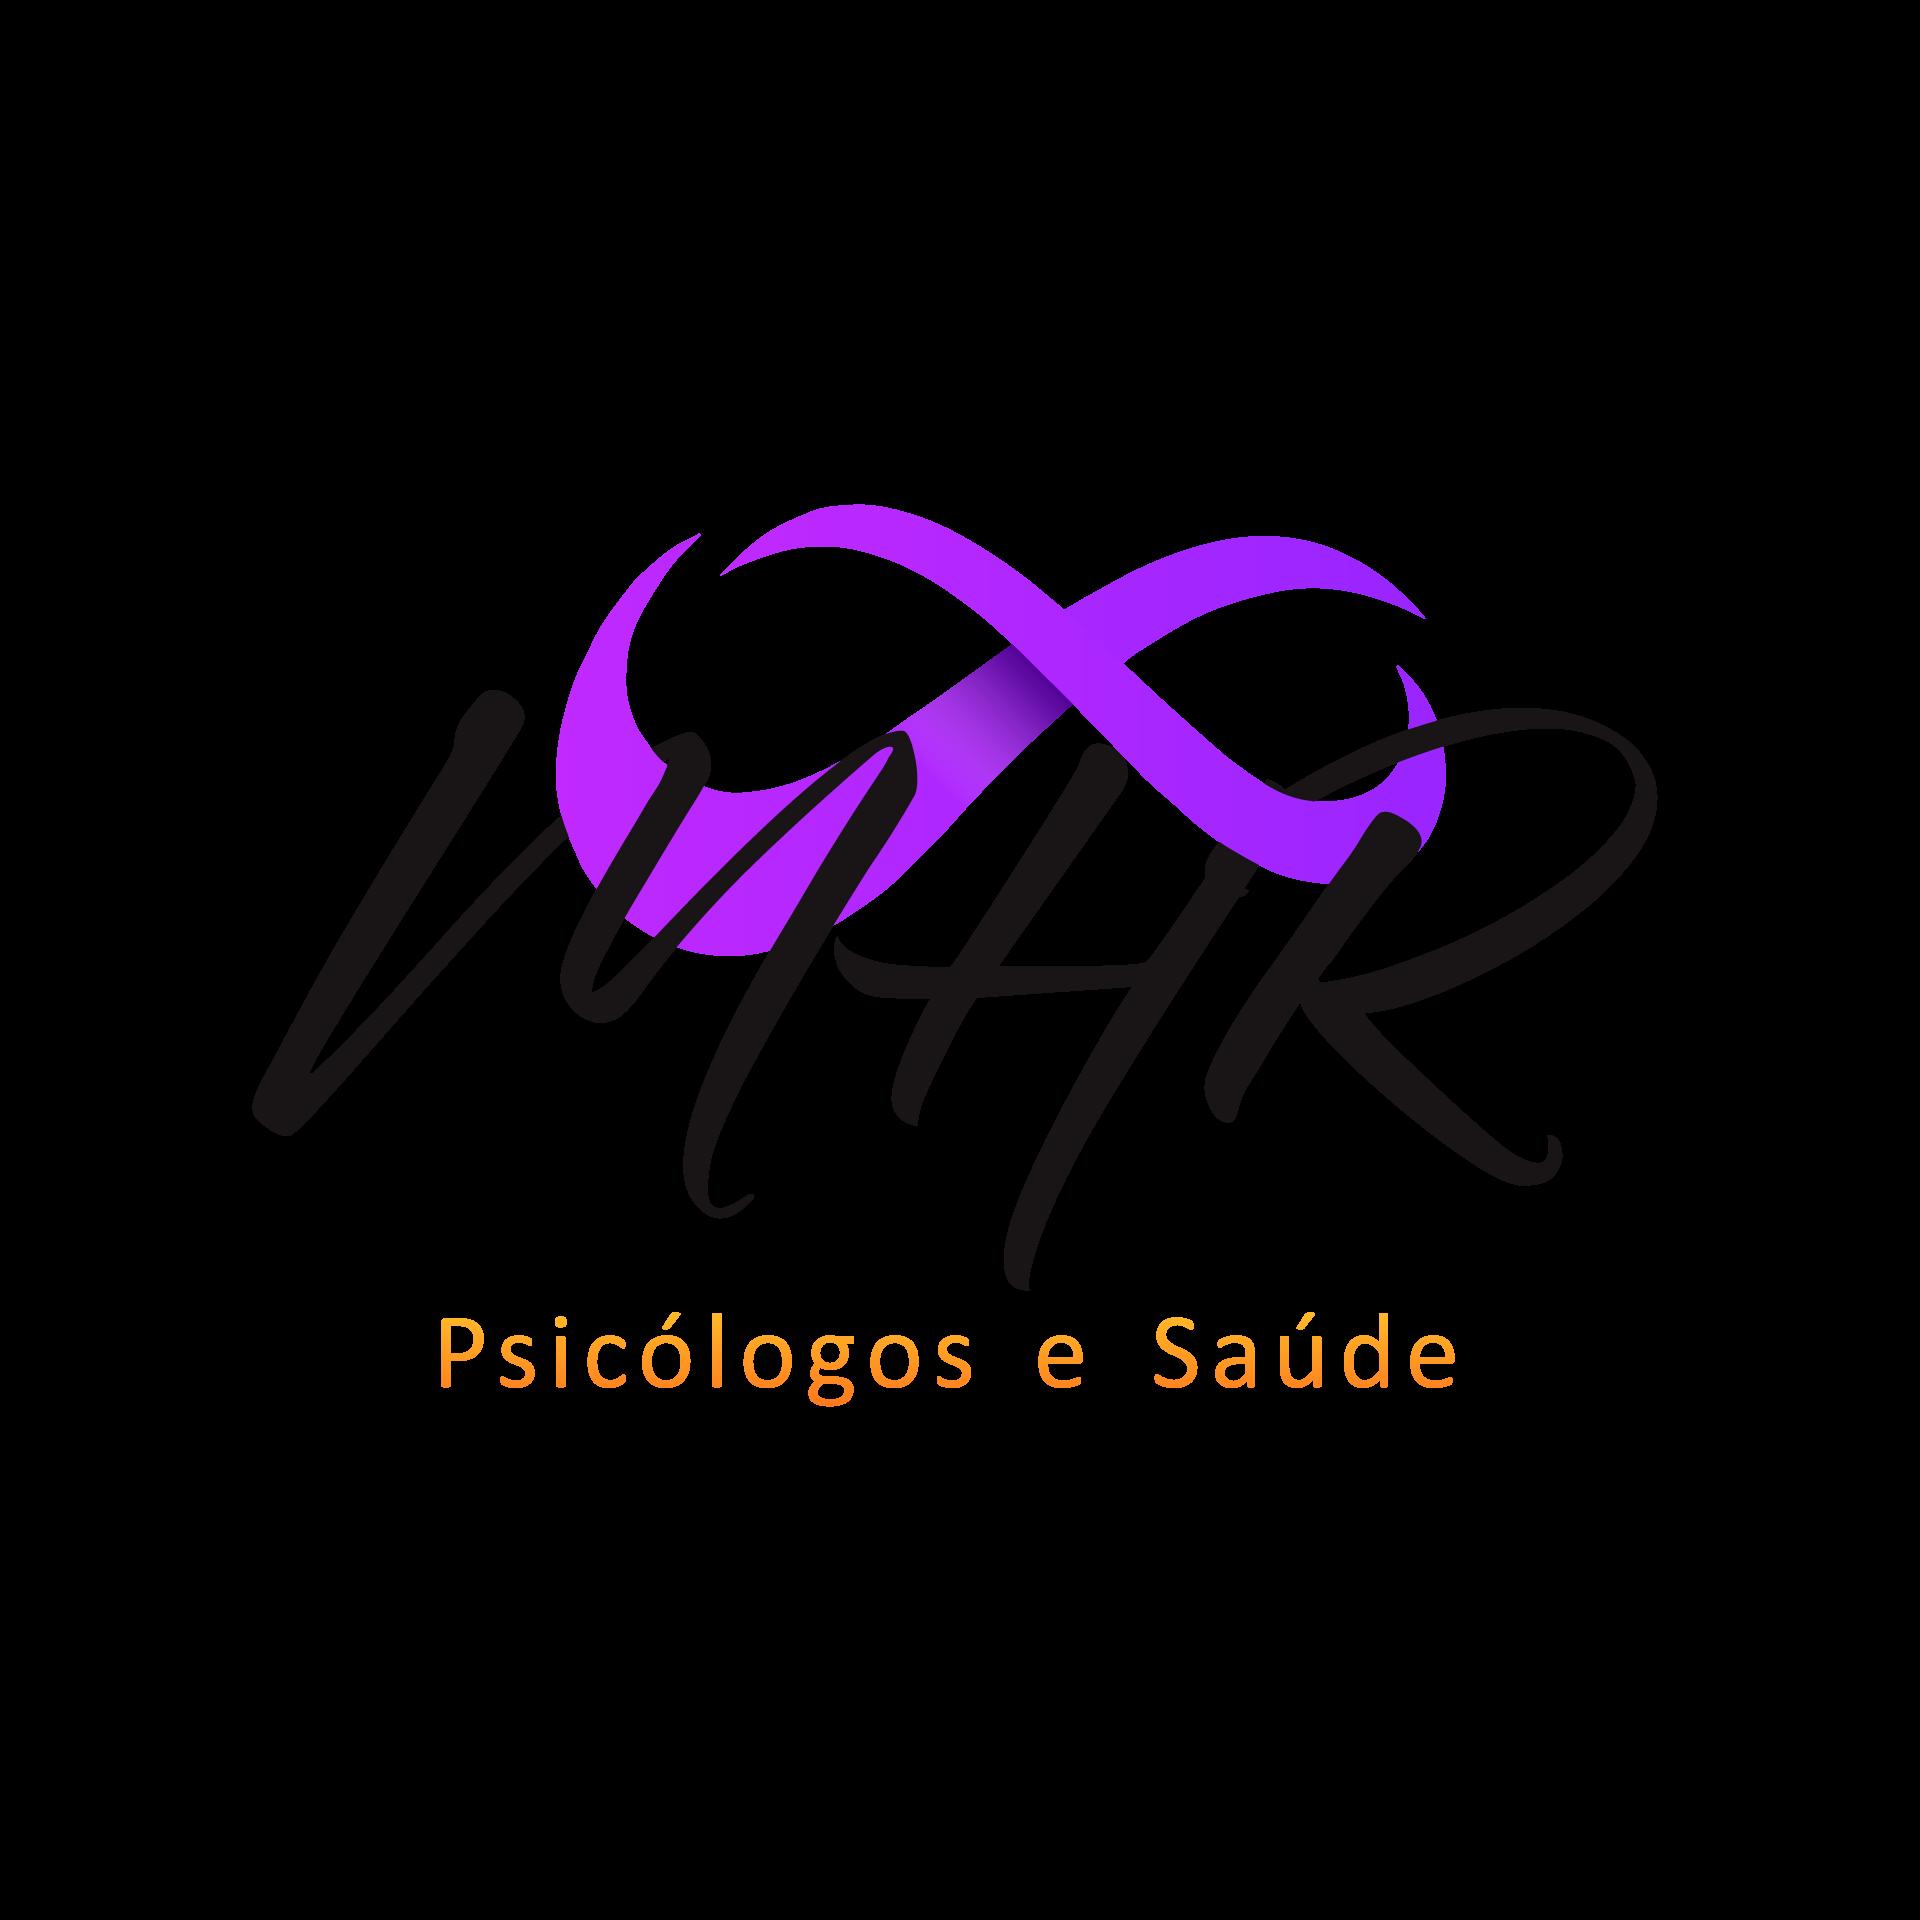 MHR Psicologia e Saúde